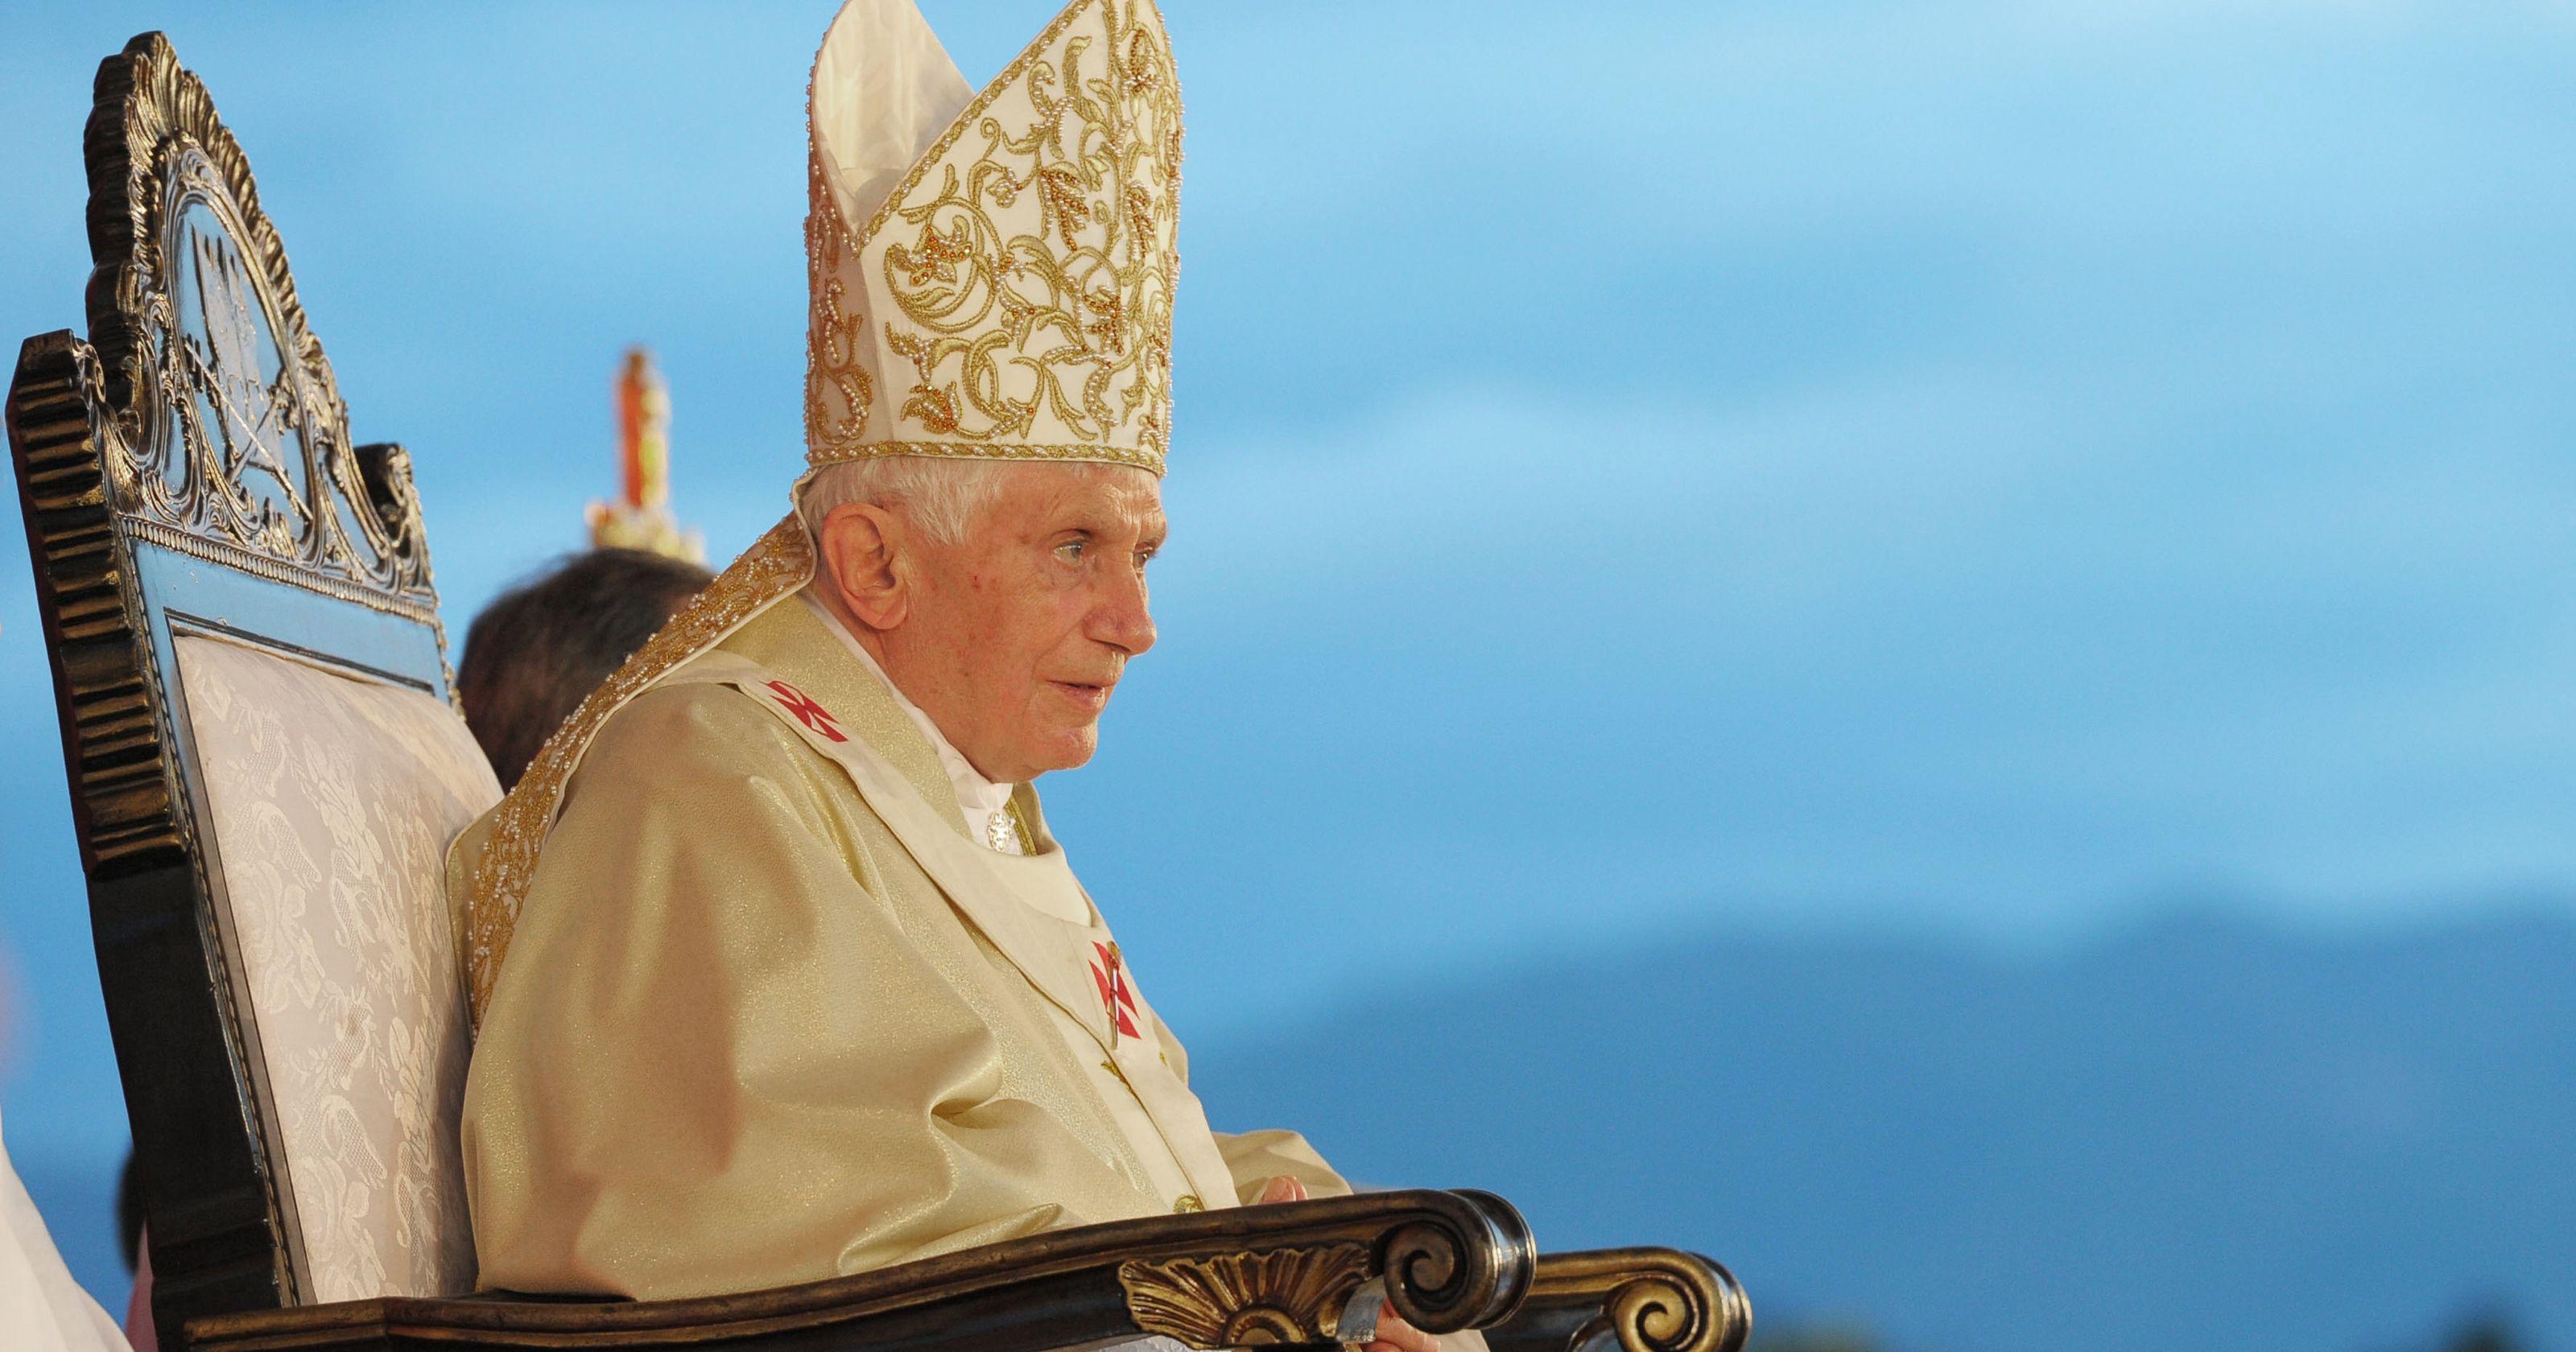 benedicto XVI castel gandolfo enciclicas oraciones exhortaciones apostolicas krouillong sacrilegio comunion en la mano 62